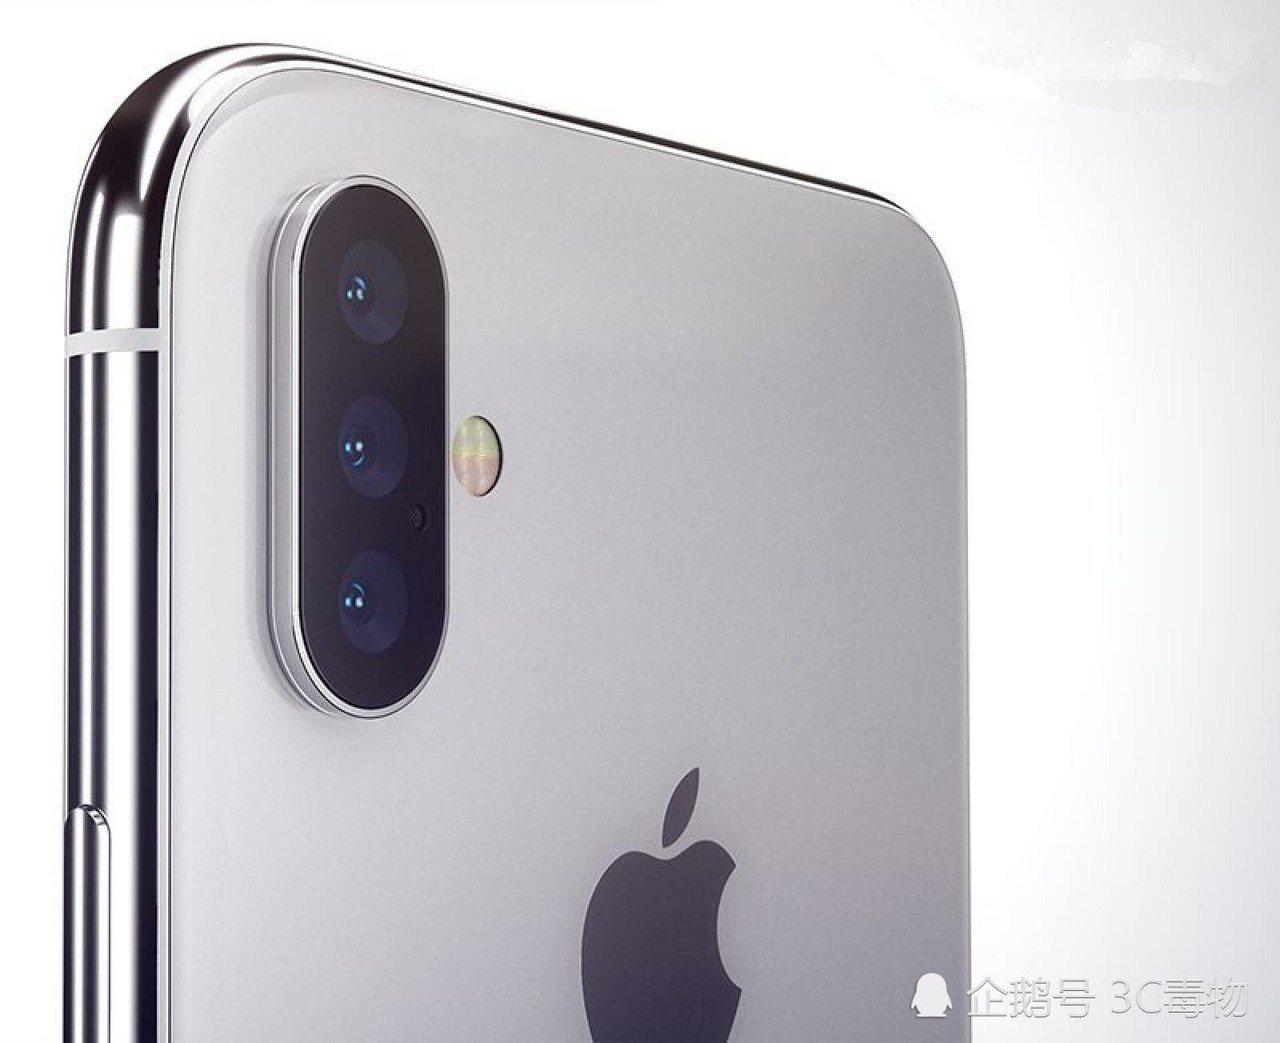 新款手機將搭載高畫素的後置三鏡頭,不僅可以支援水下拍攝,亦具備PDAF相位對焦功...